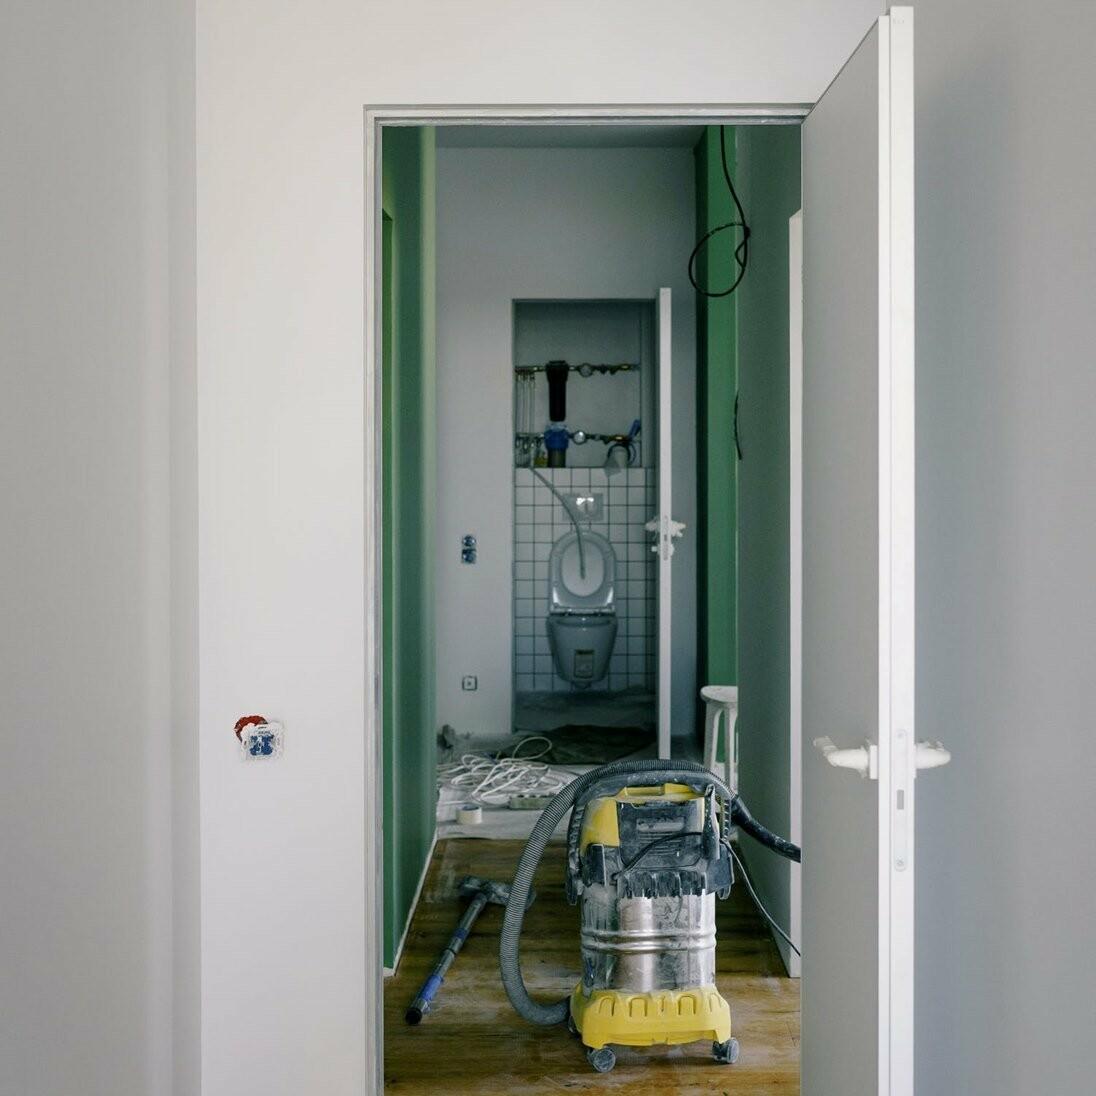 Дезінфекція в квартирі - де і як замовити прибирання?, фото-2